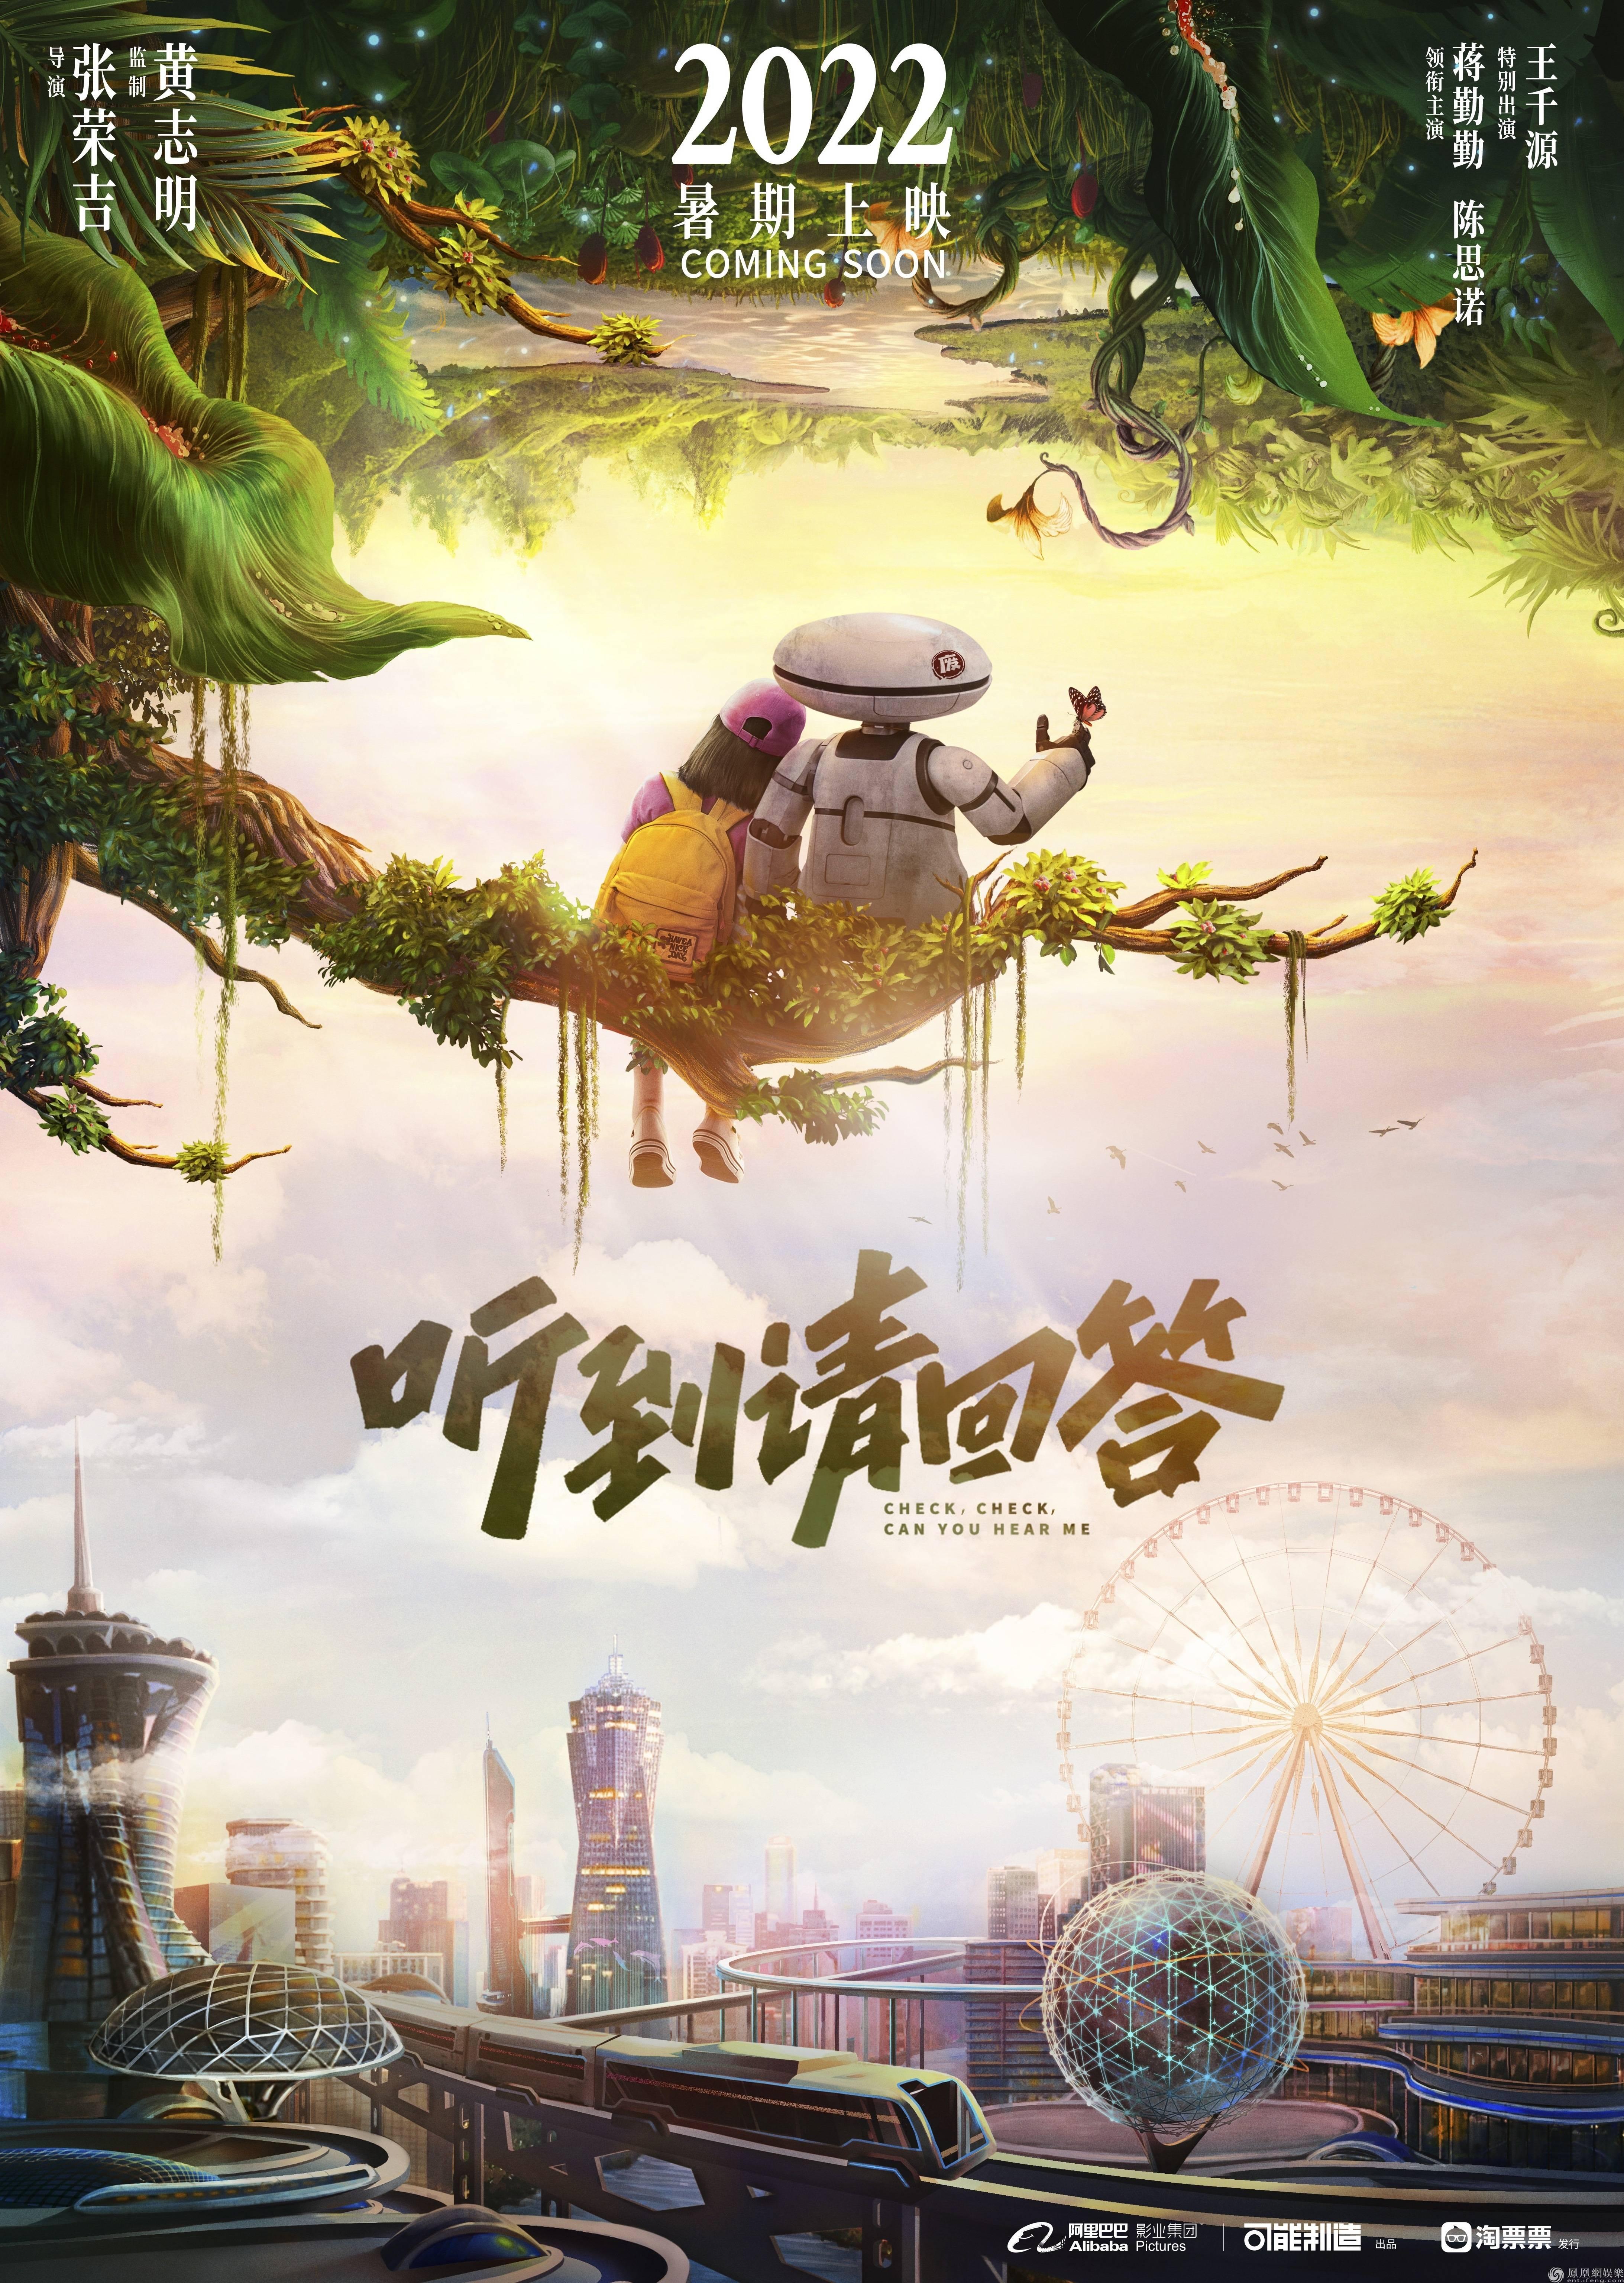 电影《听到请回答》2022暑期上映 蒋勤勤、王千源等主演